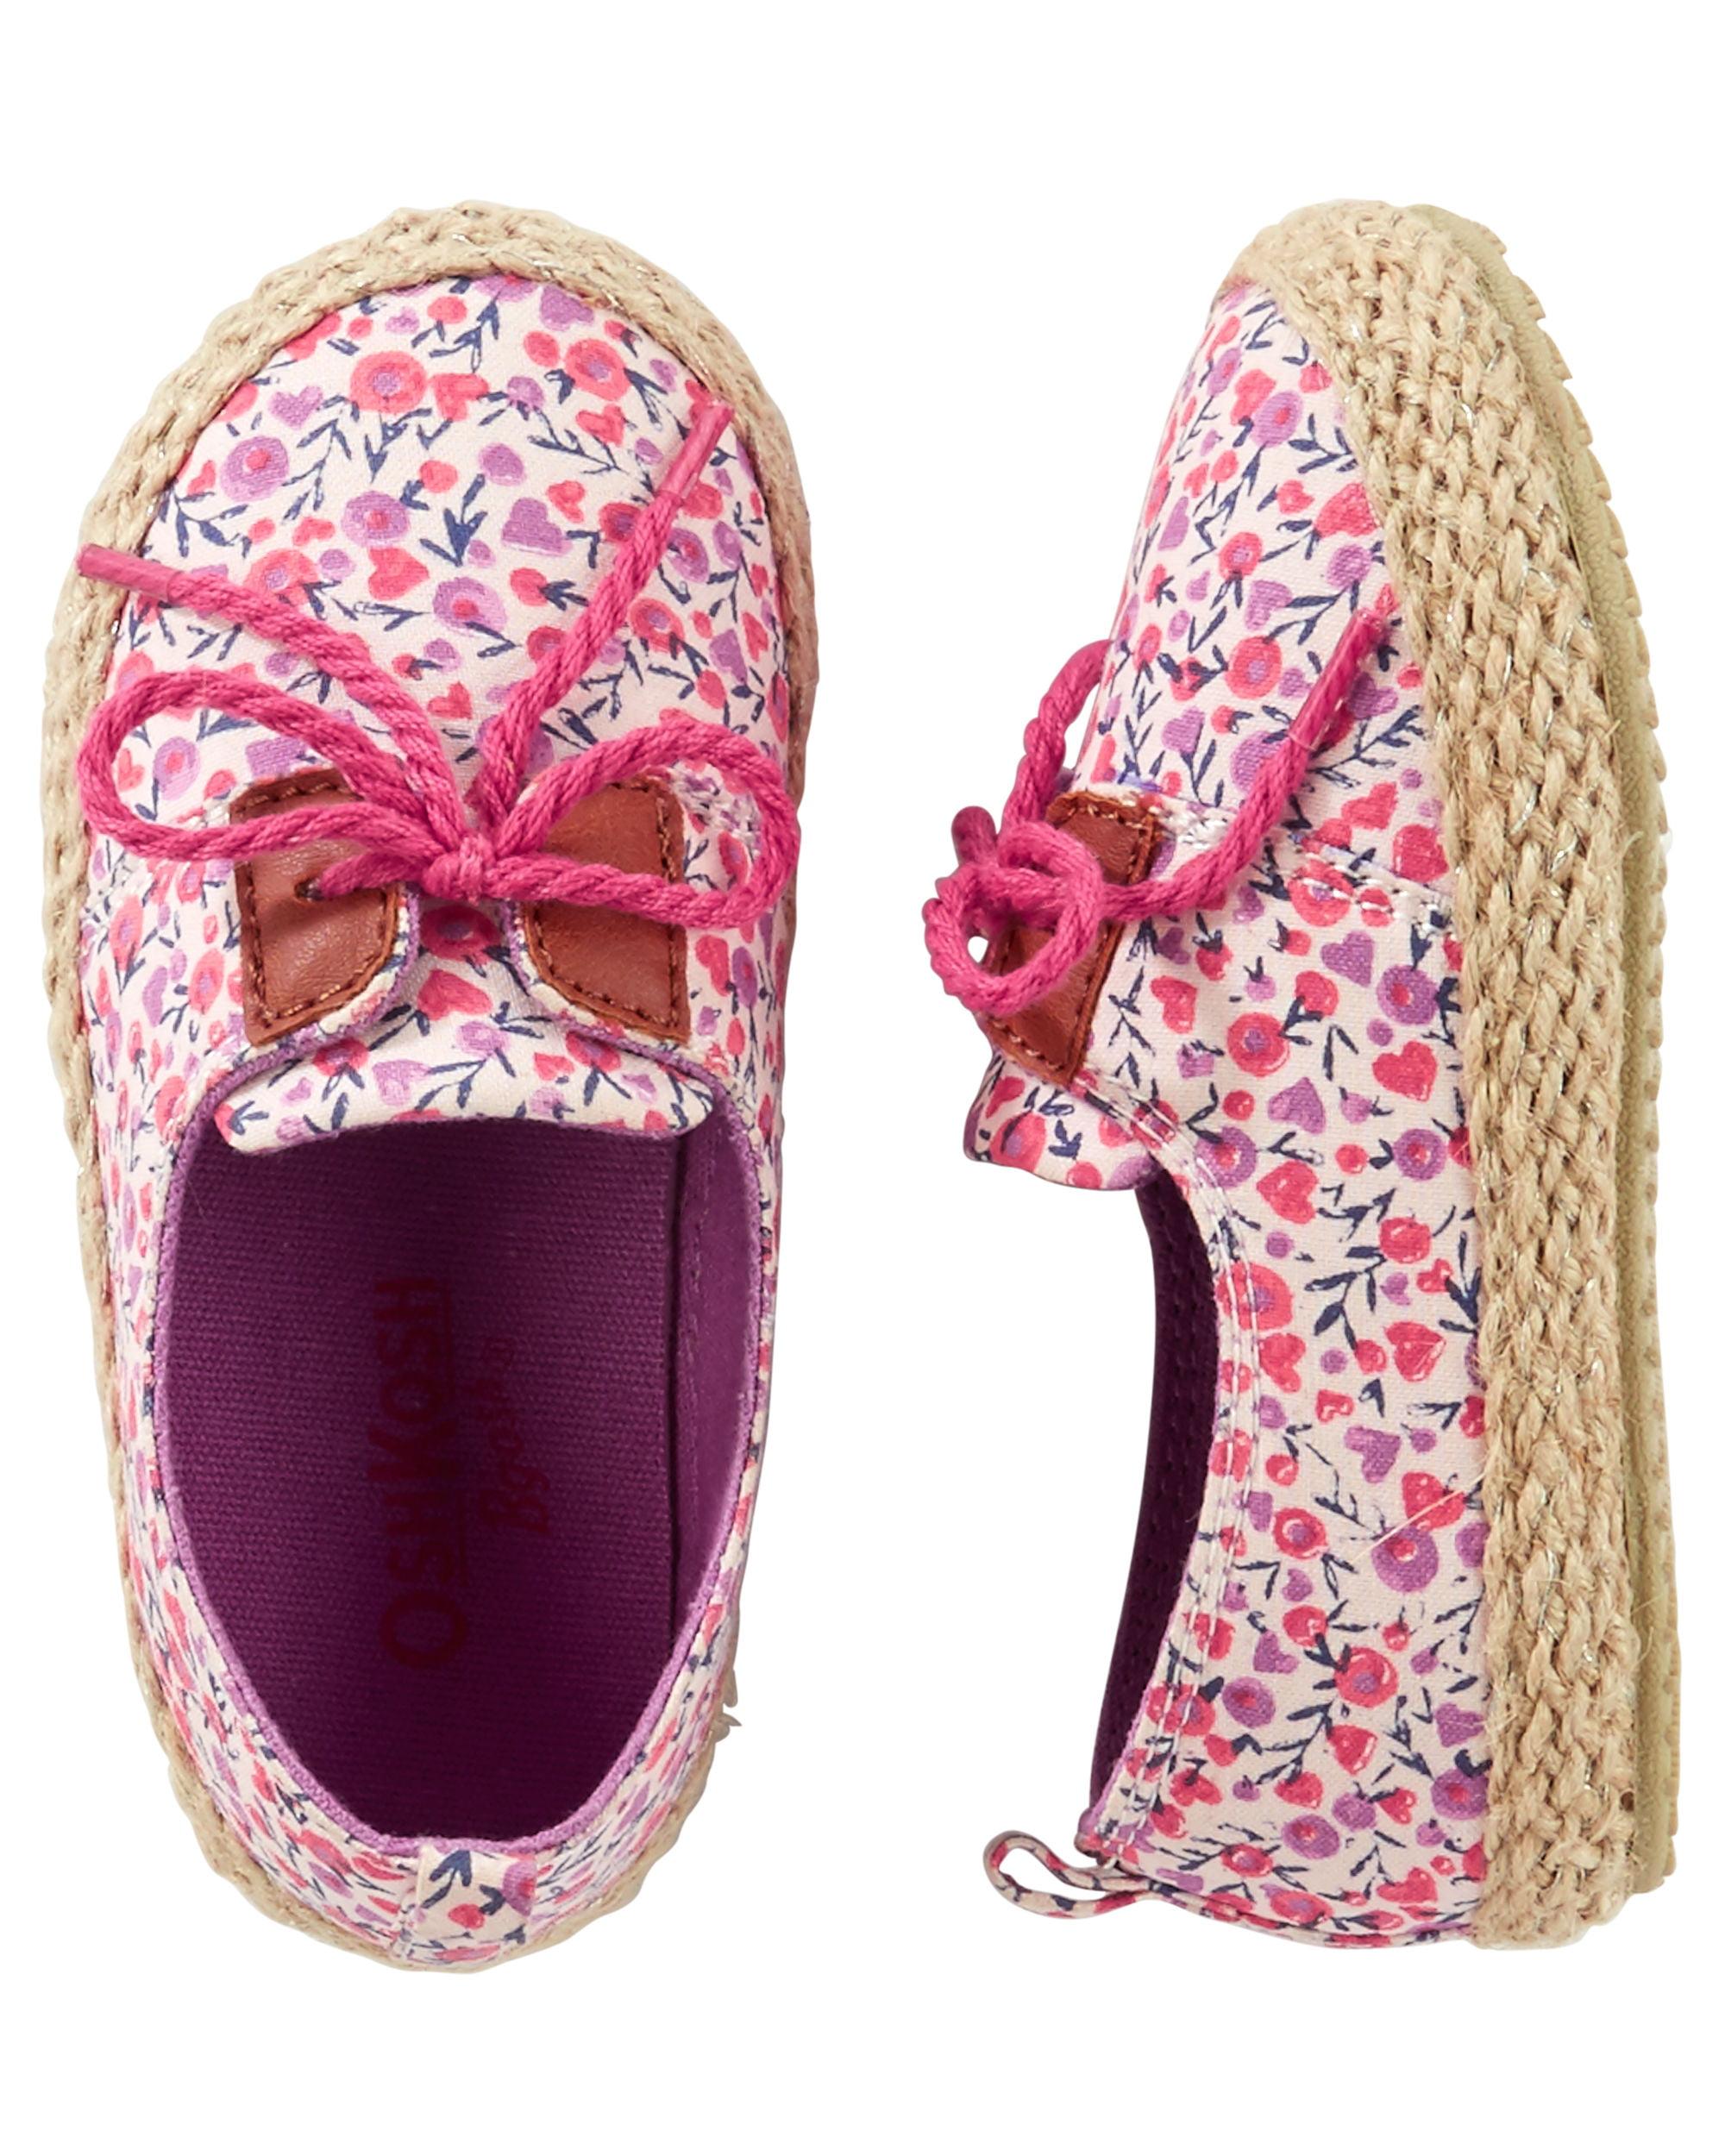 OshKosh B'gosh Girls' Floral Lace-Up Espadrilles - Size 3